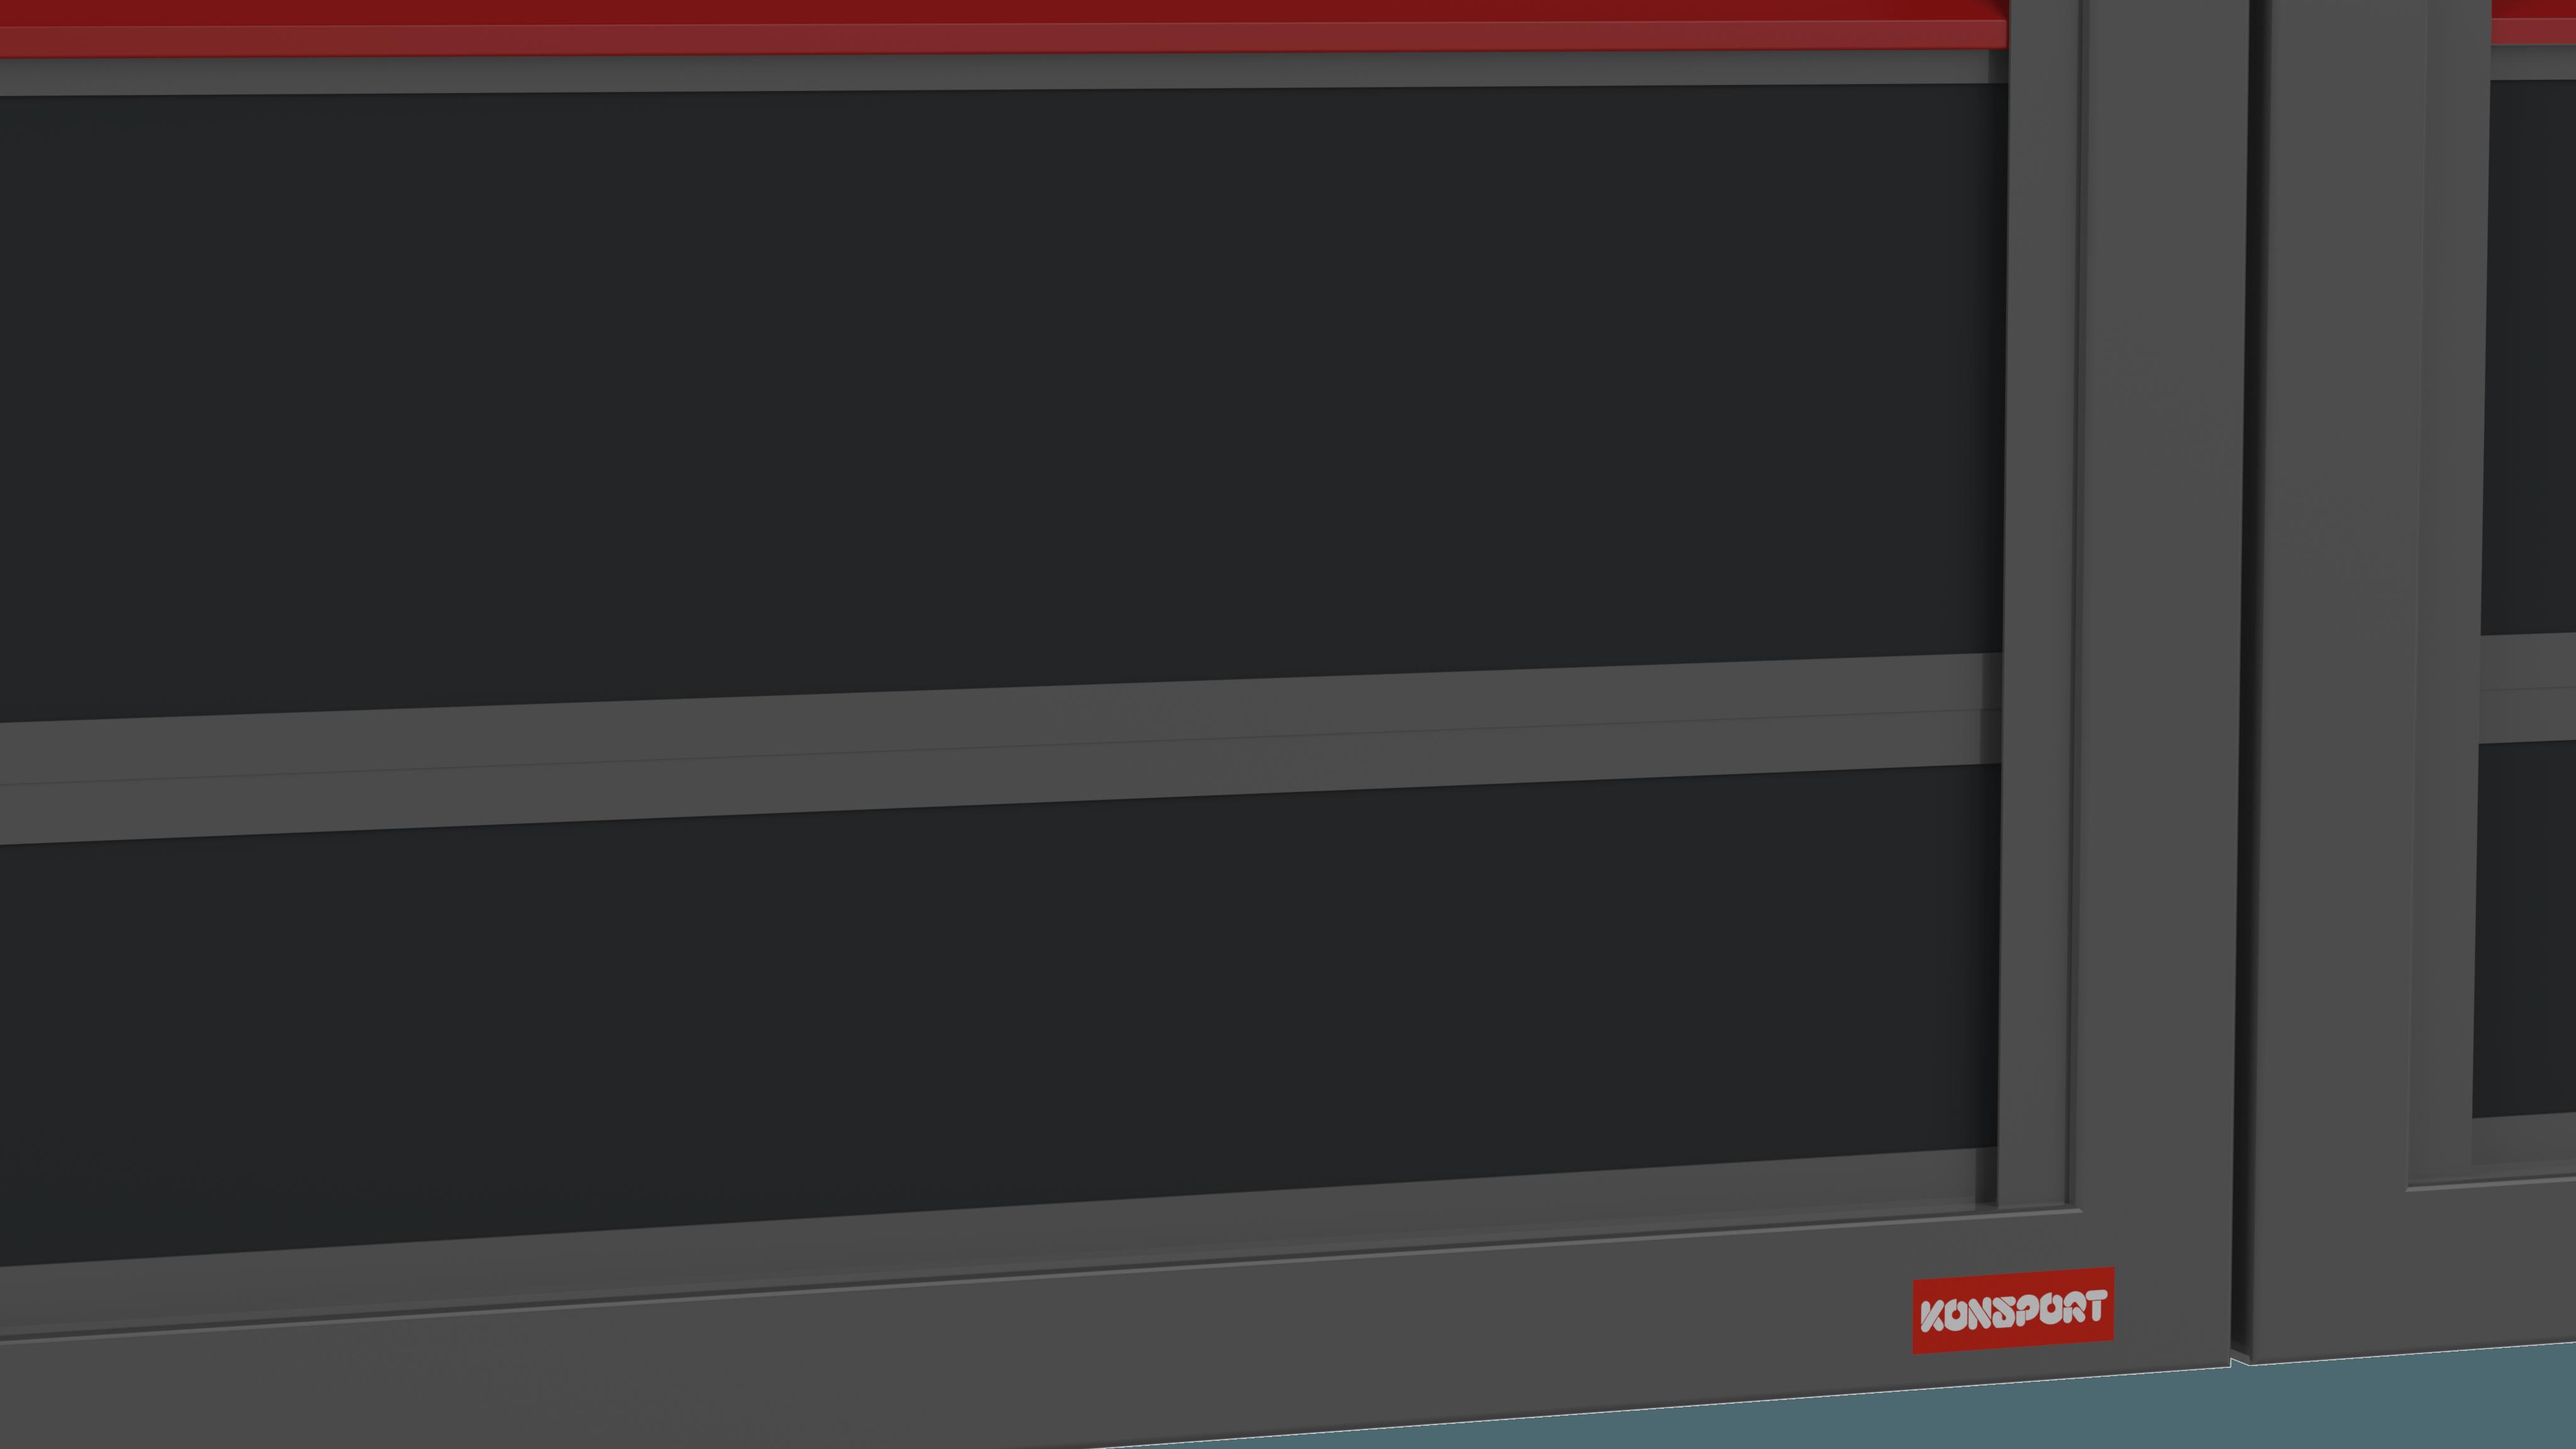 Ogrodzenie palisadowe modułowe PS005 P305 KONSPORT BORDER